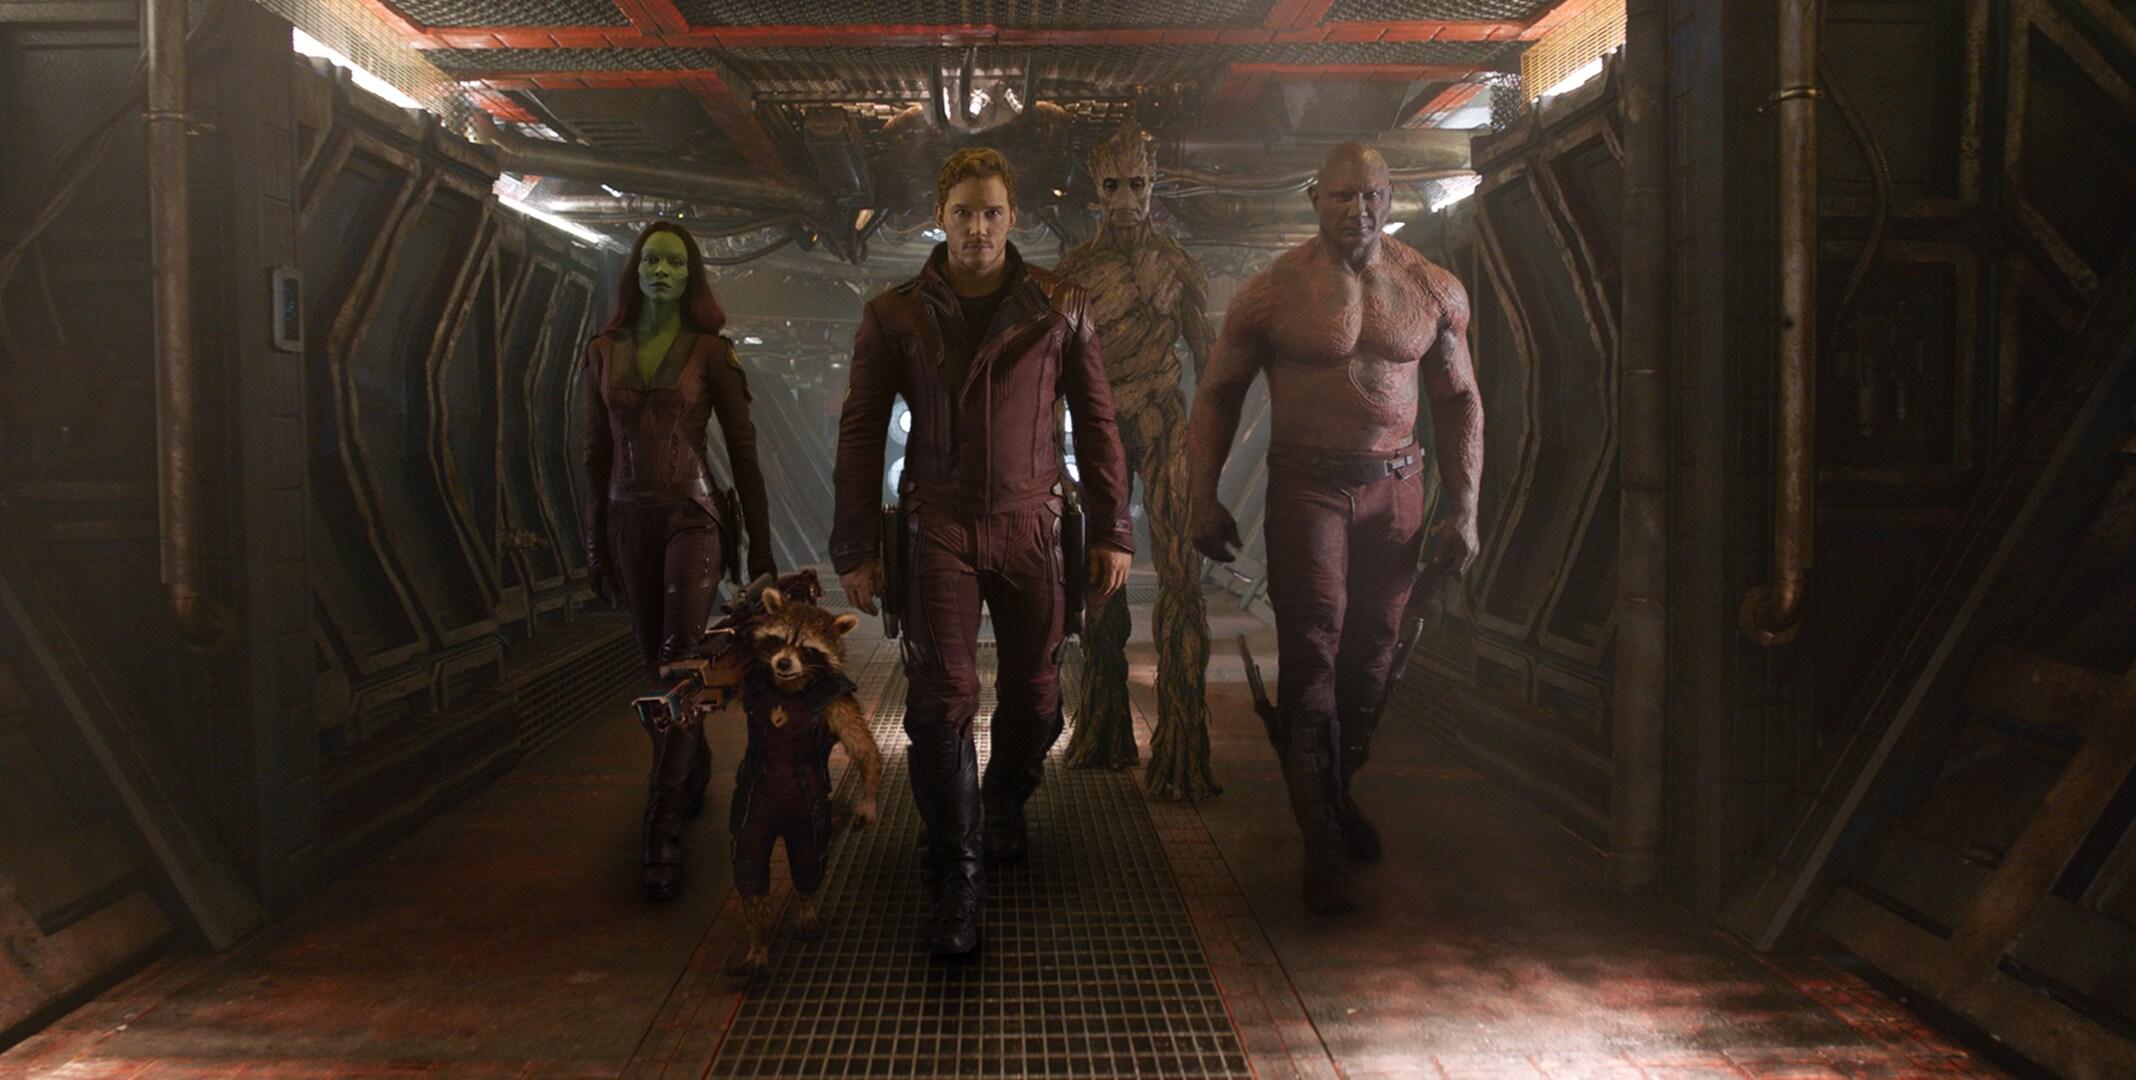 Zoë Saldaña as Gamora, Chris Pratt as Quill, Bradley Cooper as Rocket (Raccoon), Dave Bautista as Drax, and Vin Diesel as Groot imprisoned